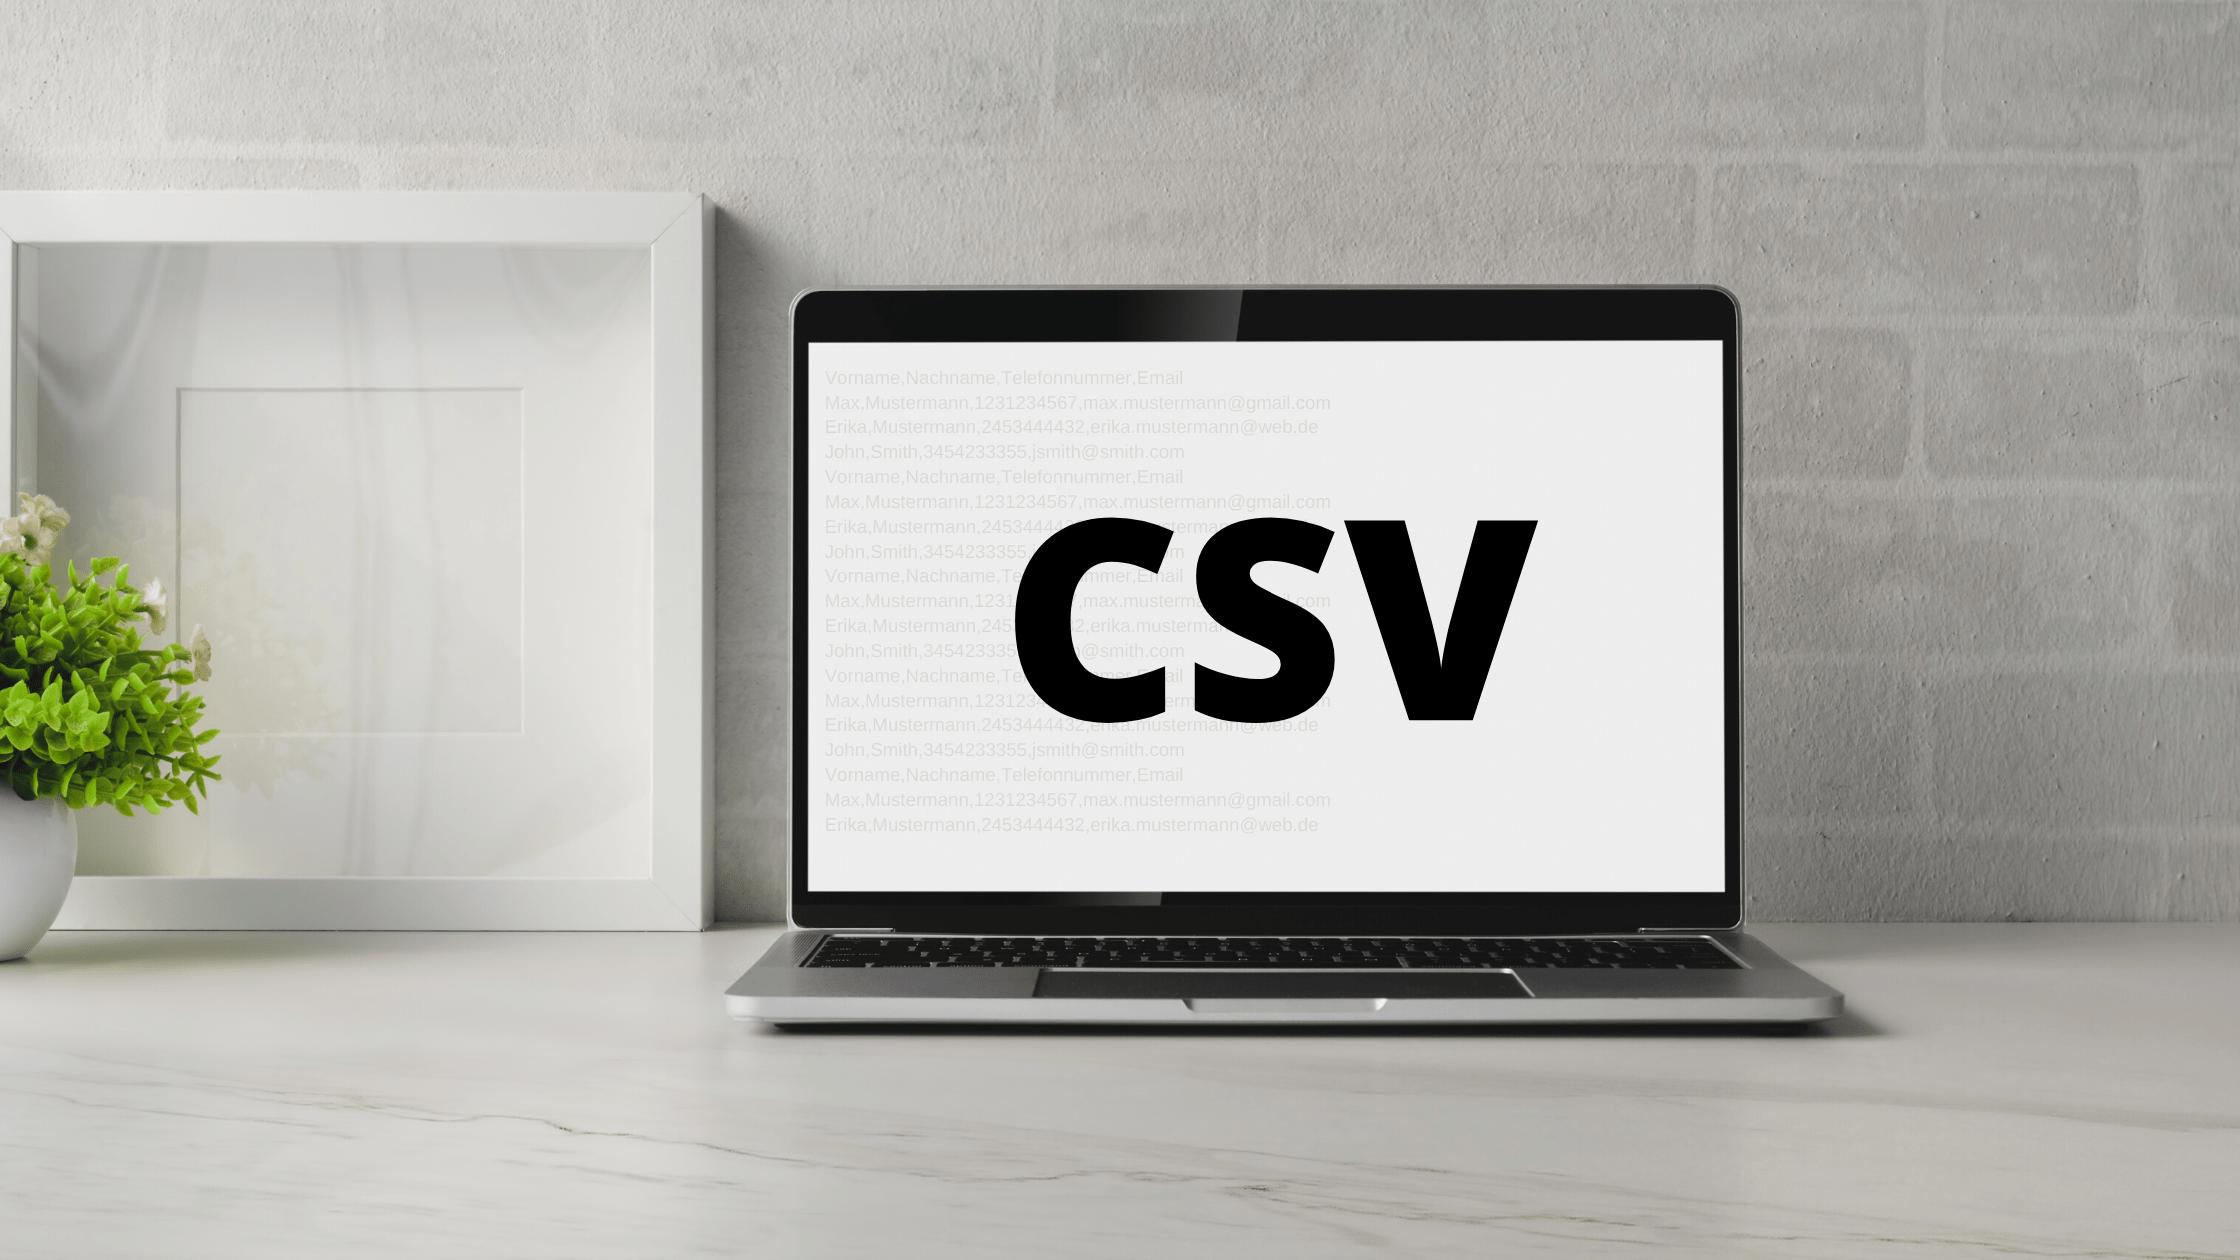 Was ist eine CSV-Datei? Lesen Sie hier nach!